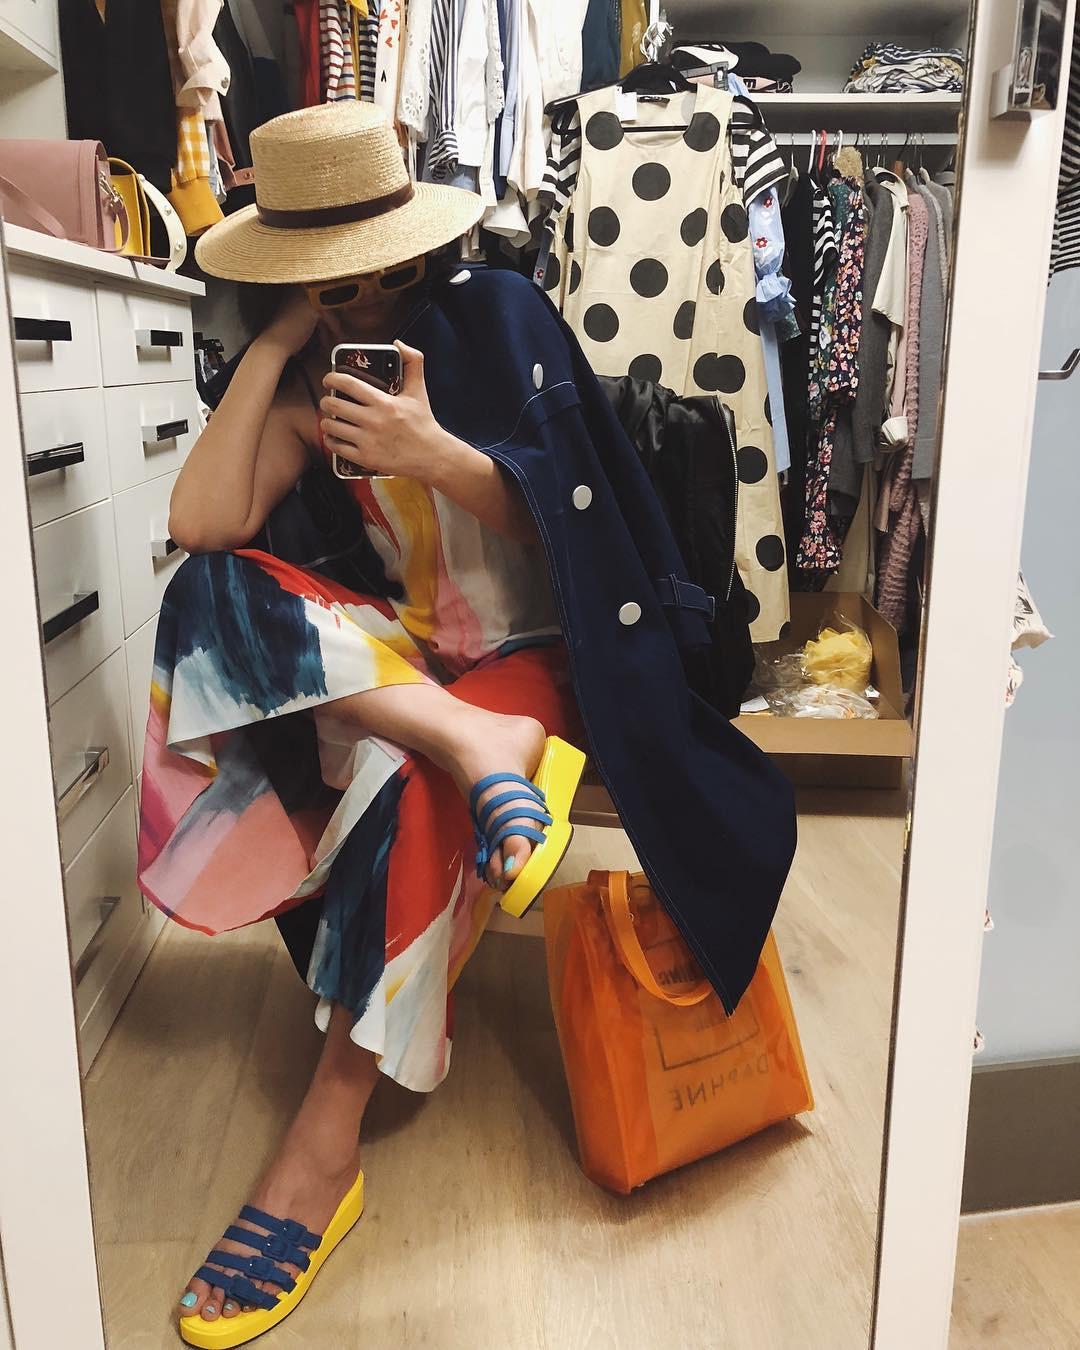 Tháng nào cũng cạn tiền vì mua sắm váy áo, đó là bởi bạn đã không tuân theo 5 nguyên tắc shopping sống còn này